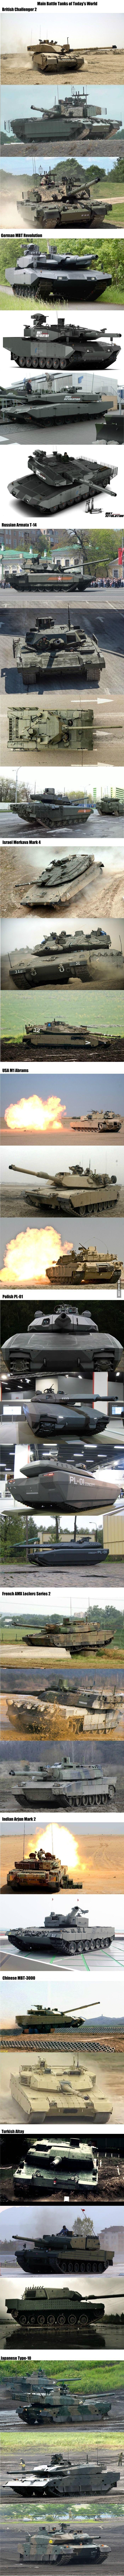 Los últimos carros de combate del mundo